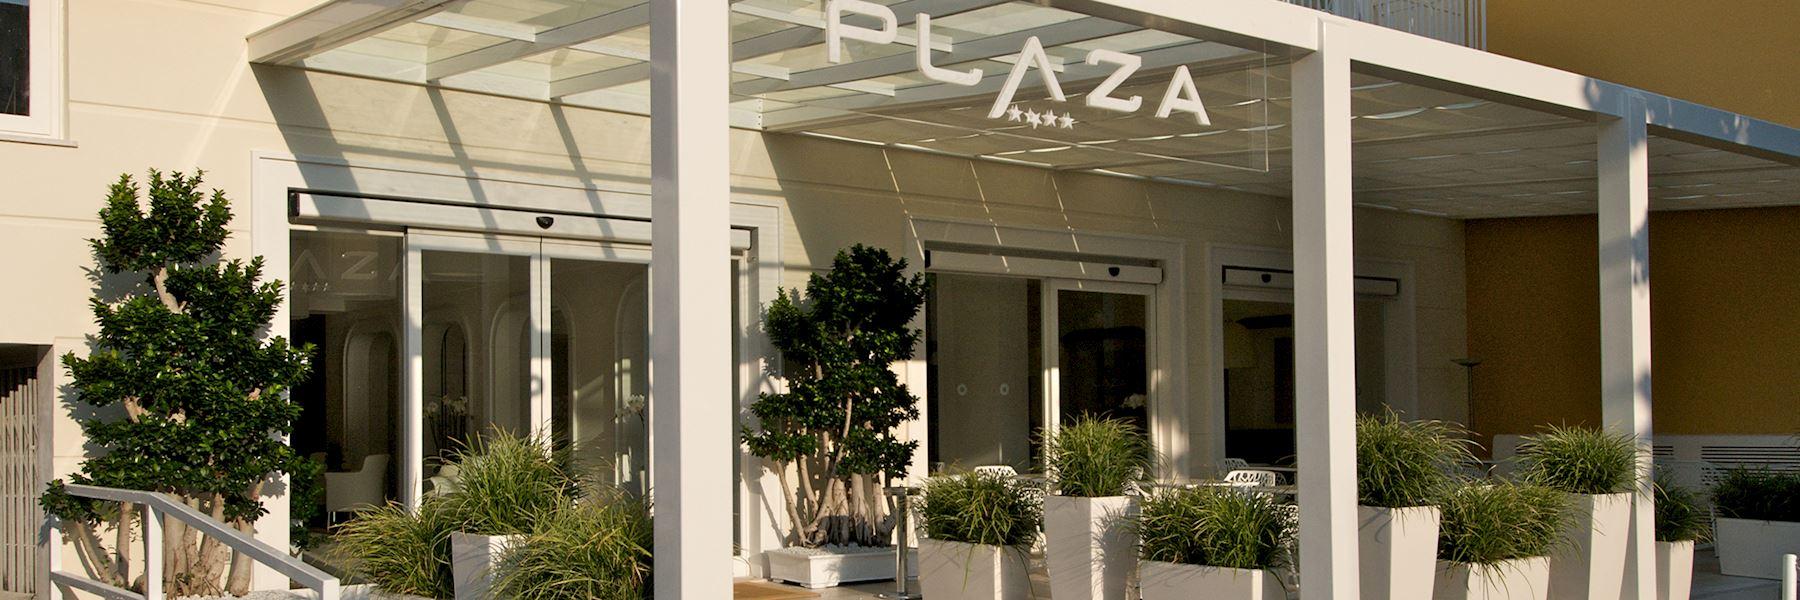 hotel plaza sorrento hotels in sorrento audley travel. Black Bedroom Furniture Sets. Home Design Ideas